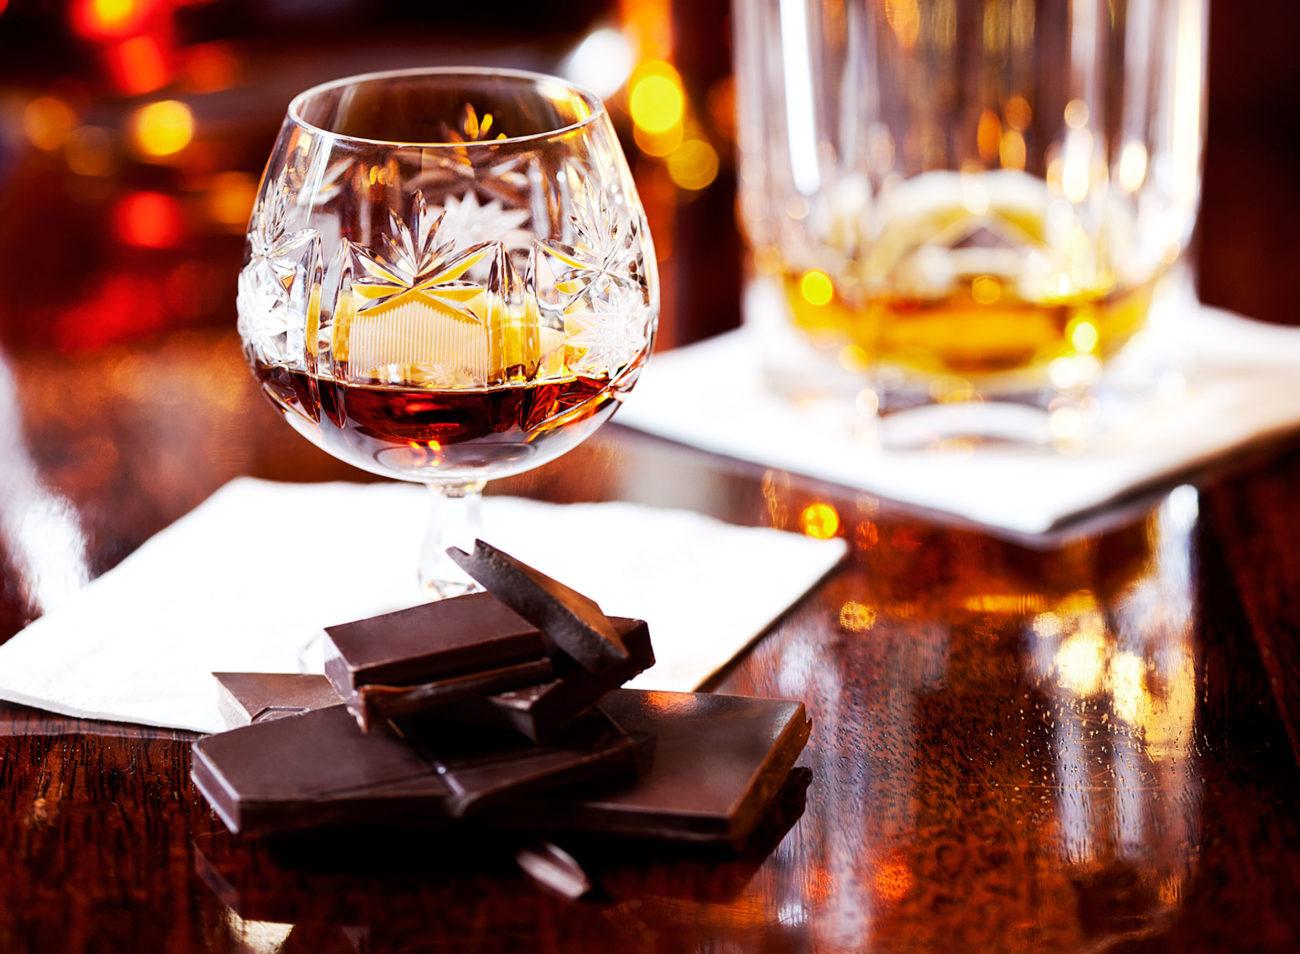 Chokolade på glas